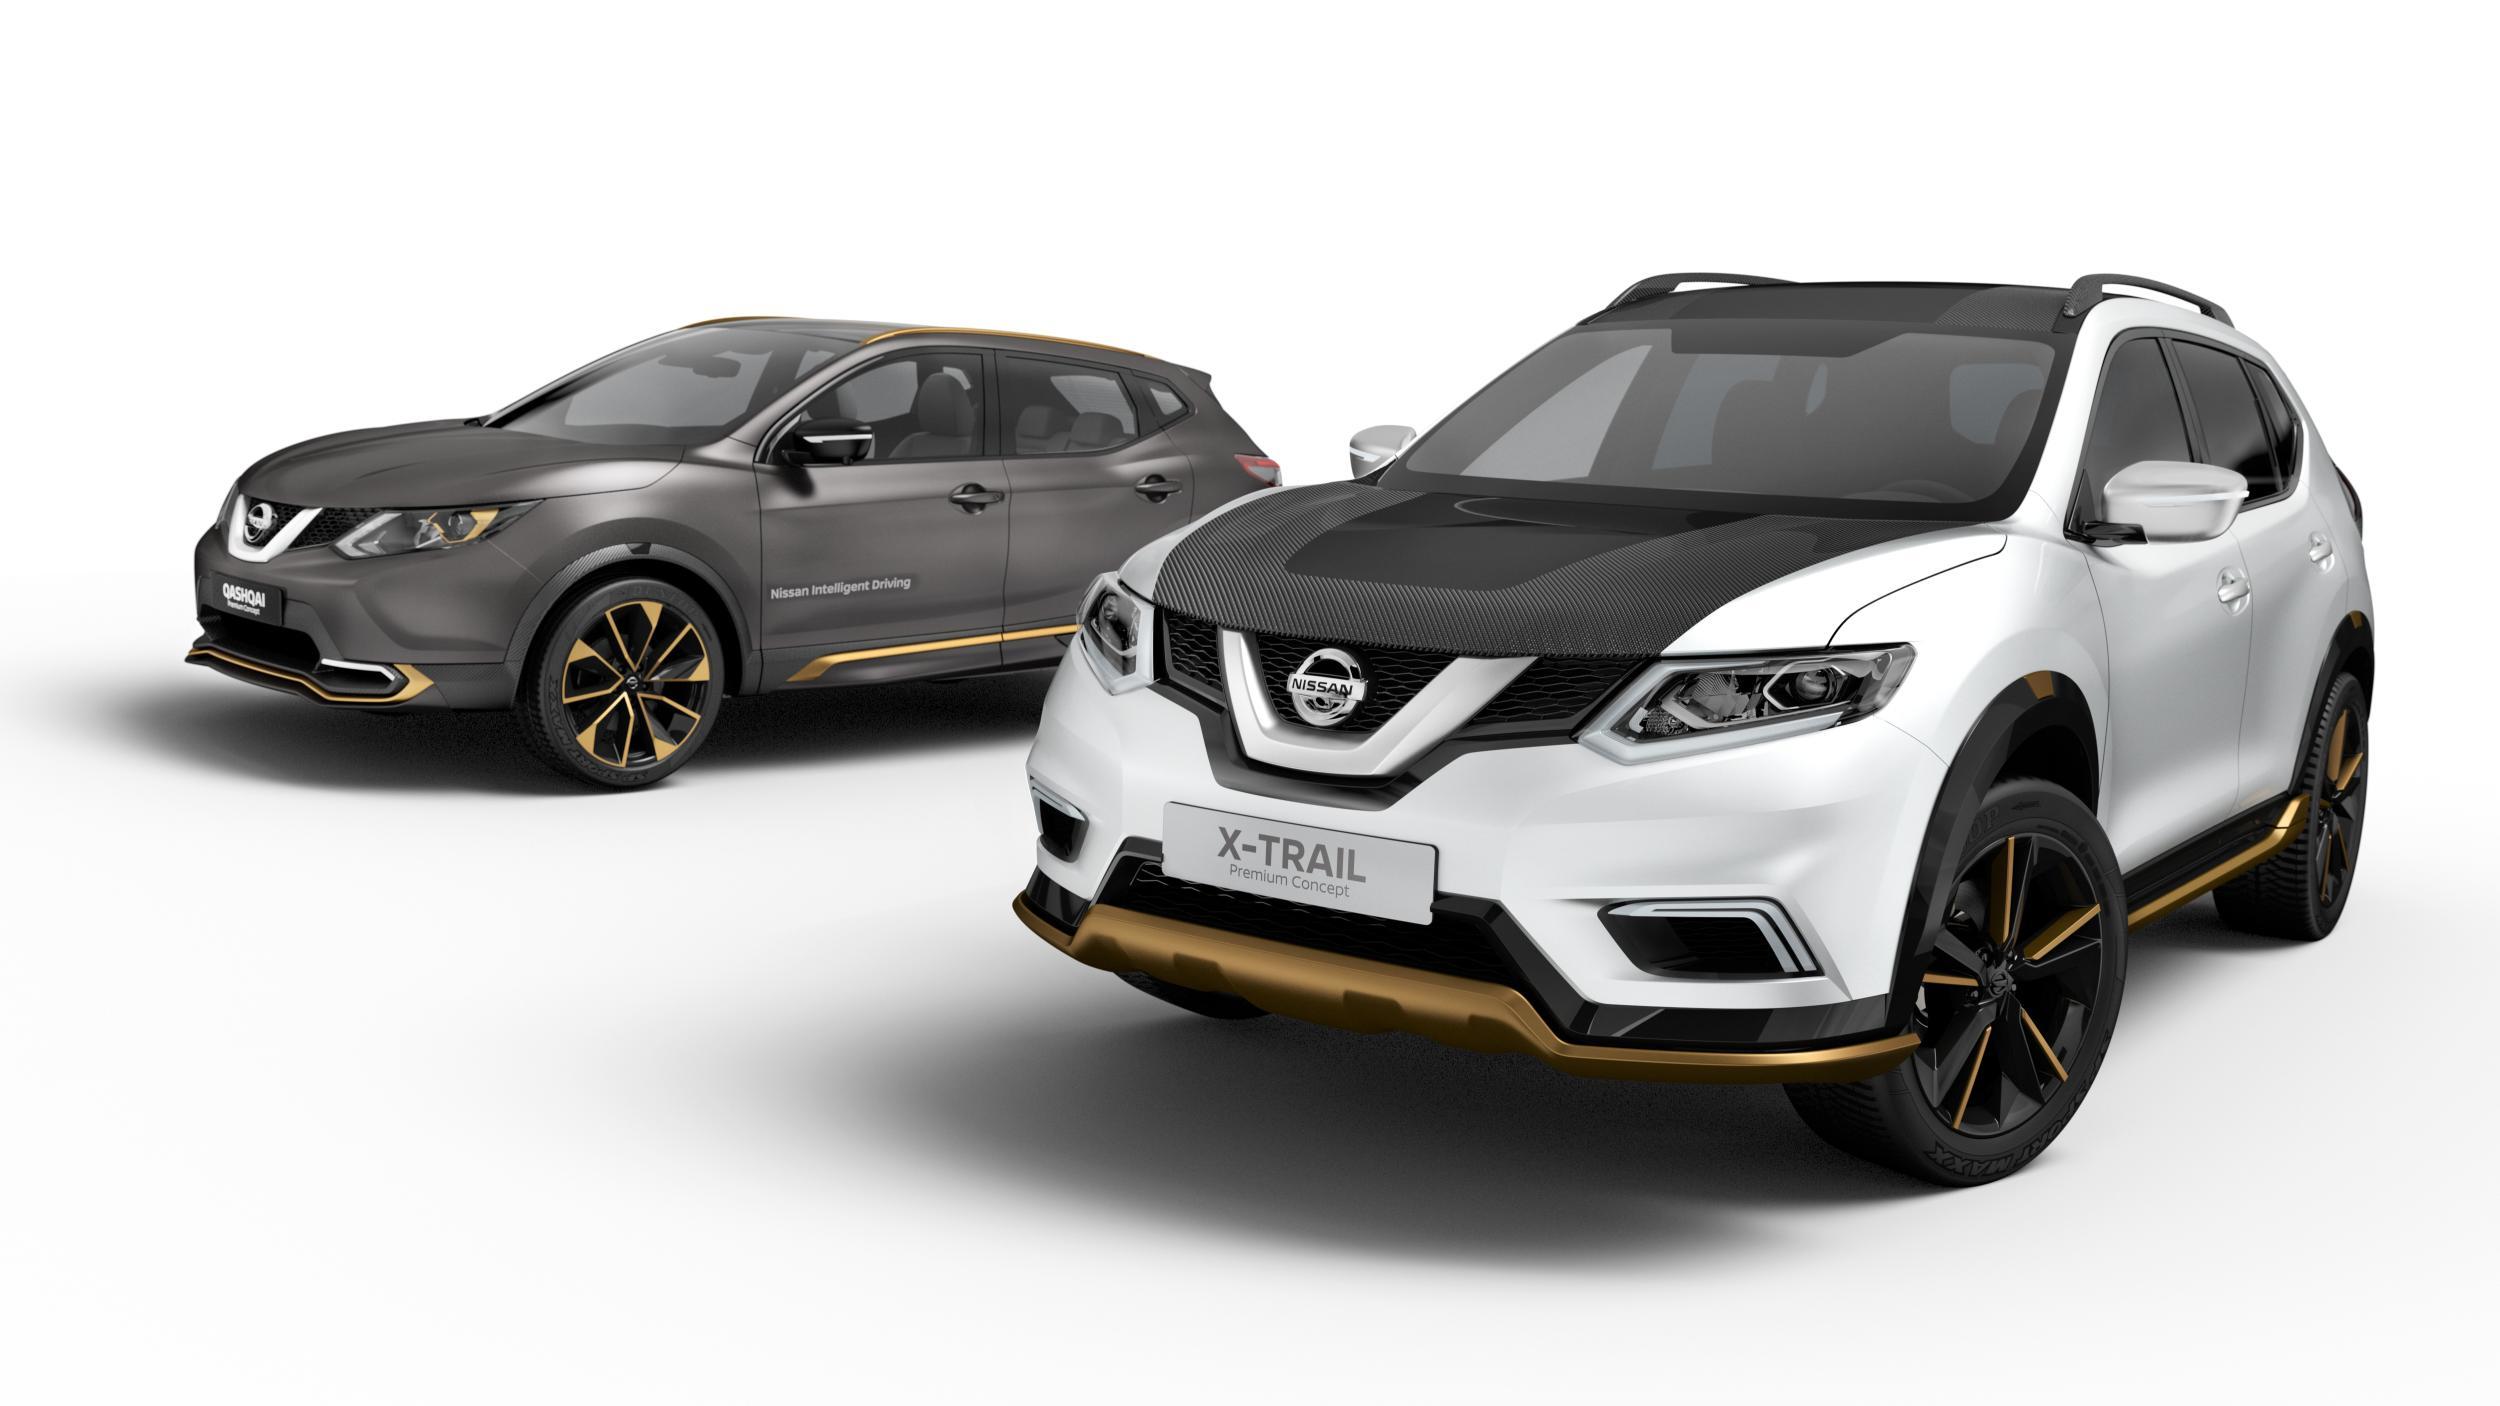 Nissan X Trail Premium Concept images